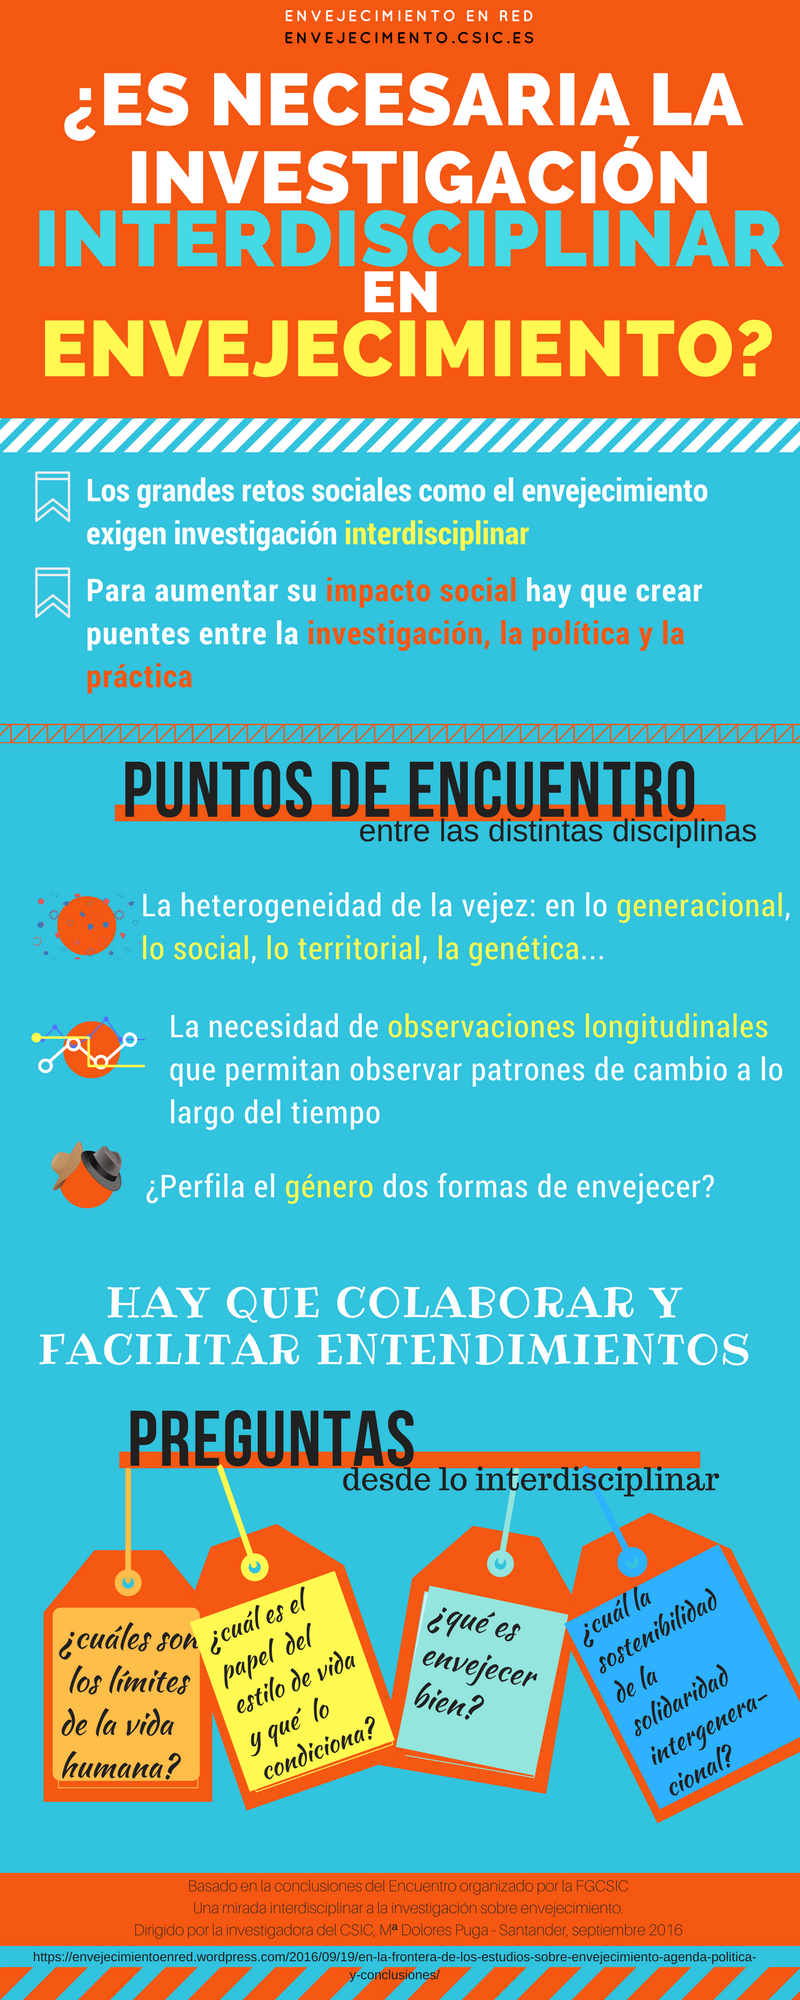 infografia-conclusiones-encuentro-investigacion-interdisciplinar-fgcsic-enred